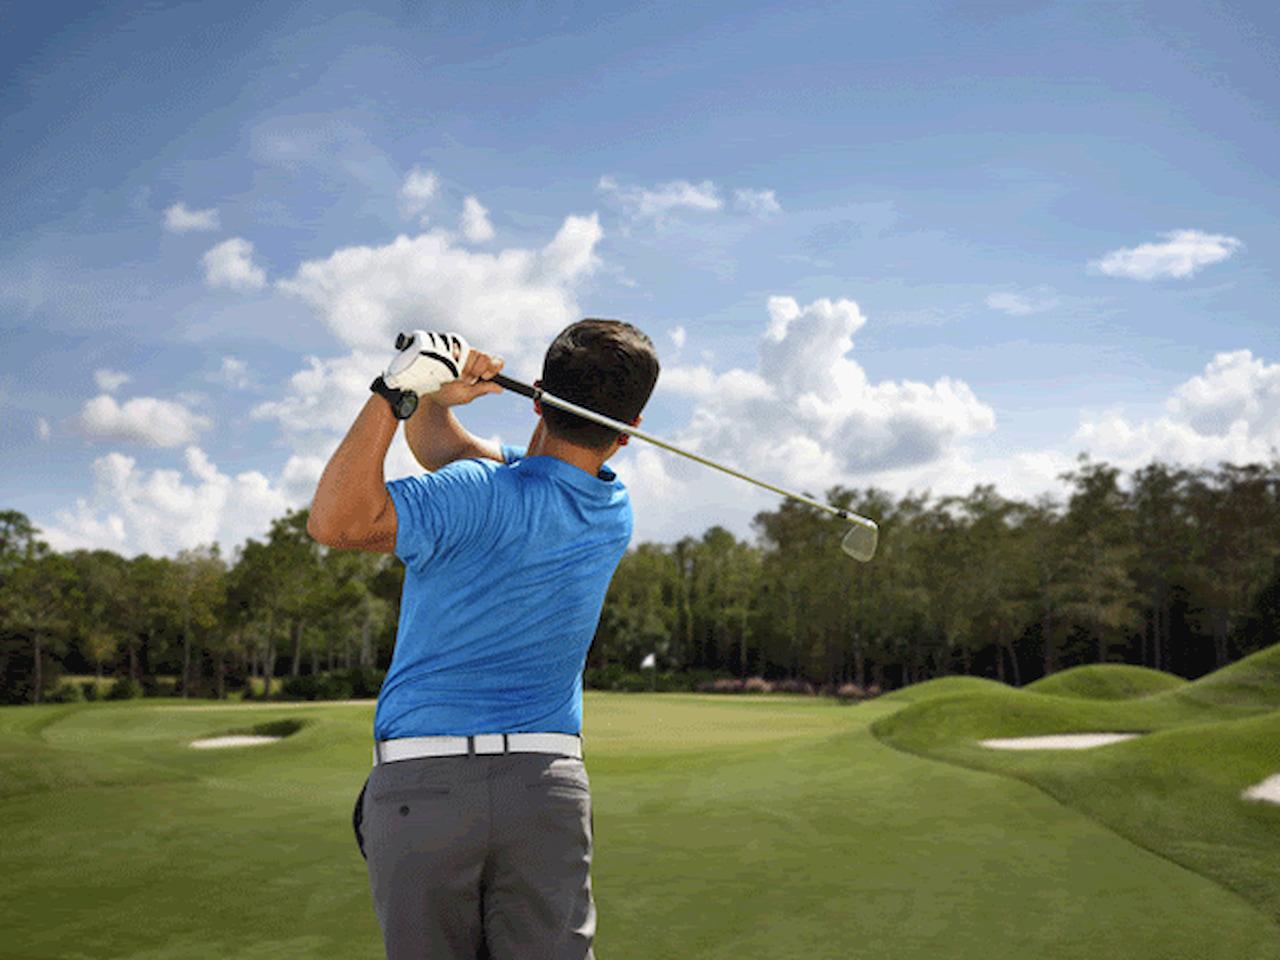 Partite a golf più smart con il nuovo Approach S62 di Garmin thumbnail